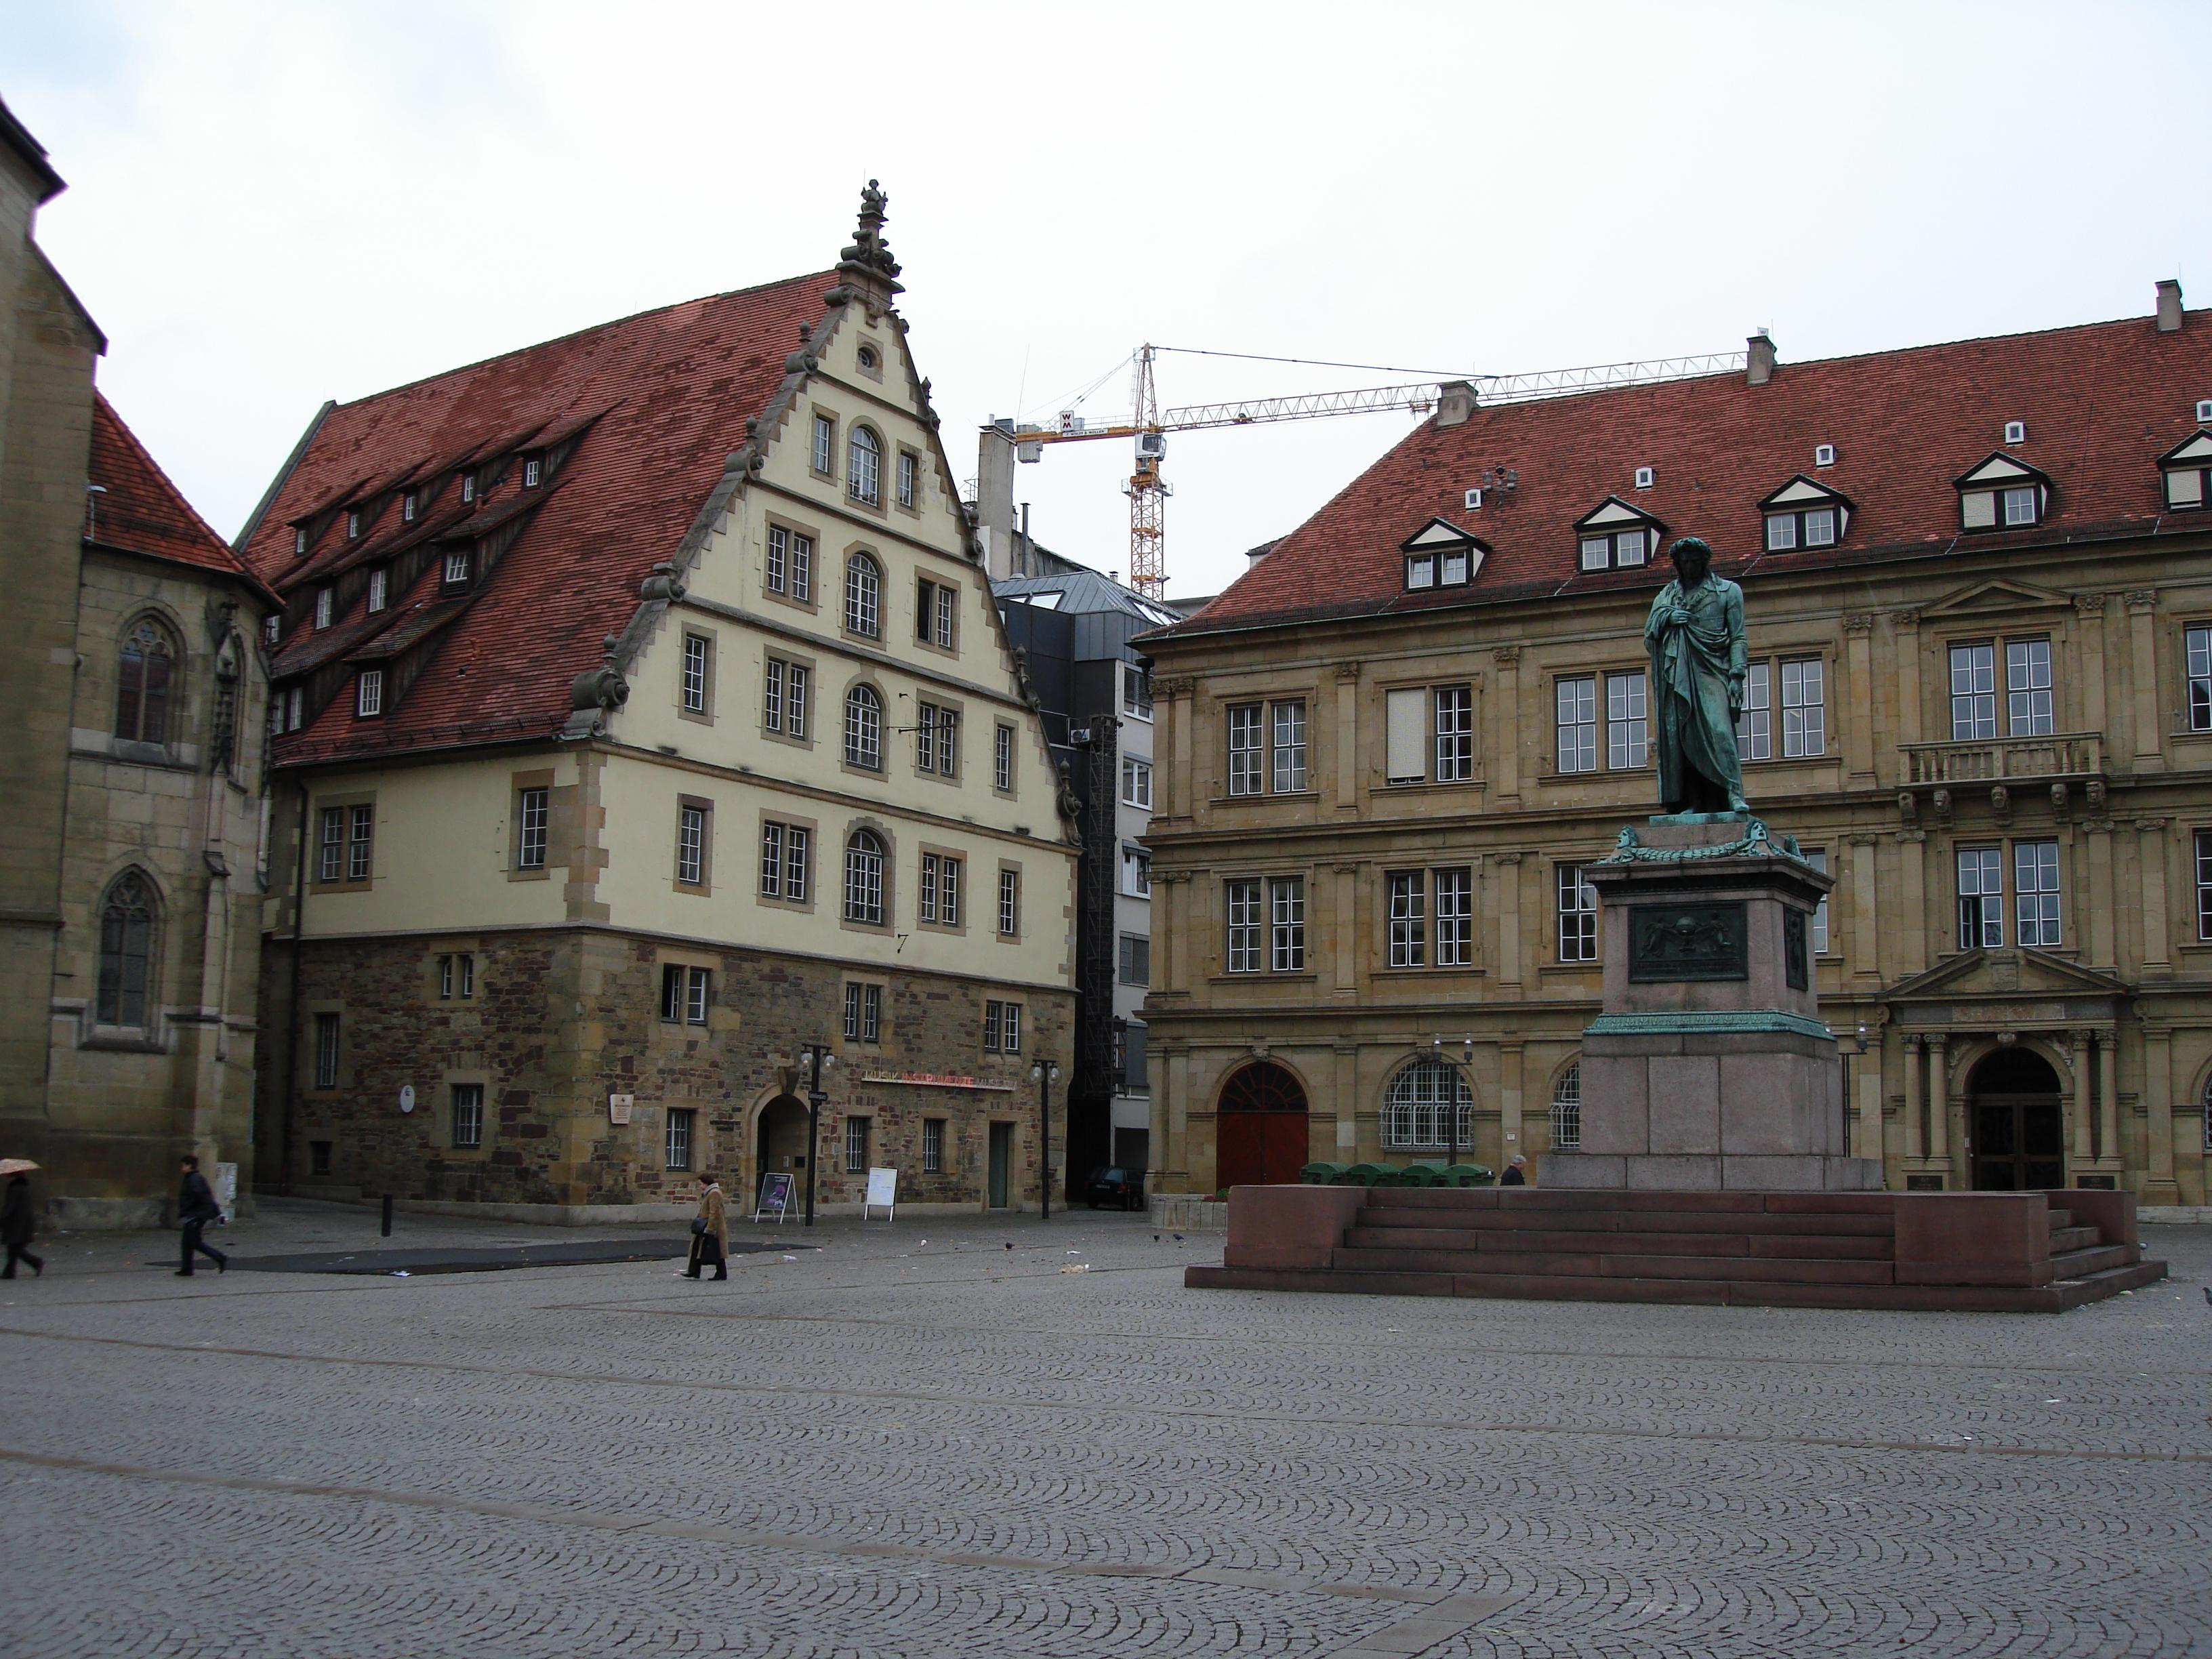 Quảng trường SchillerplatzQuảng trường Schillerplatz